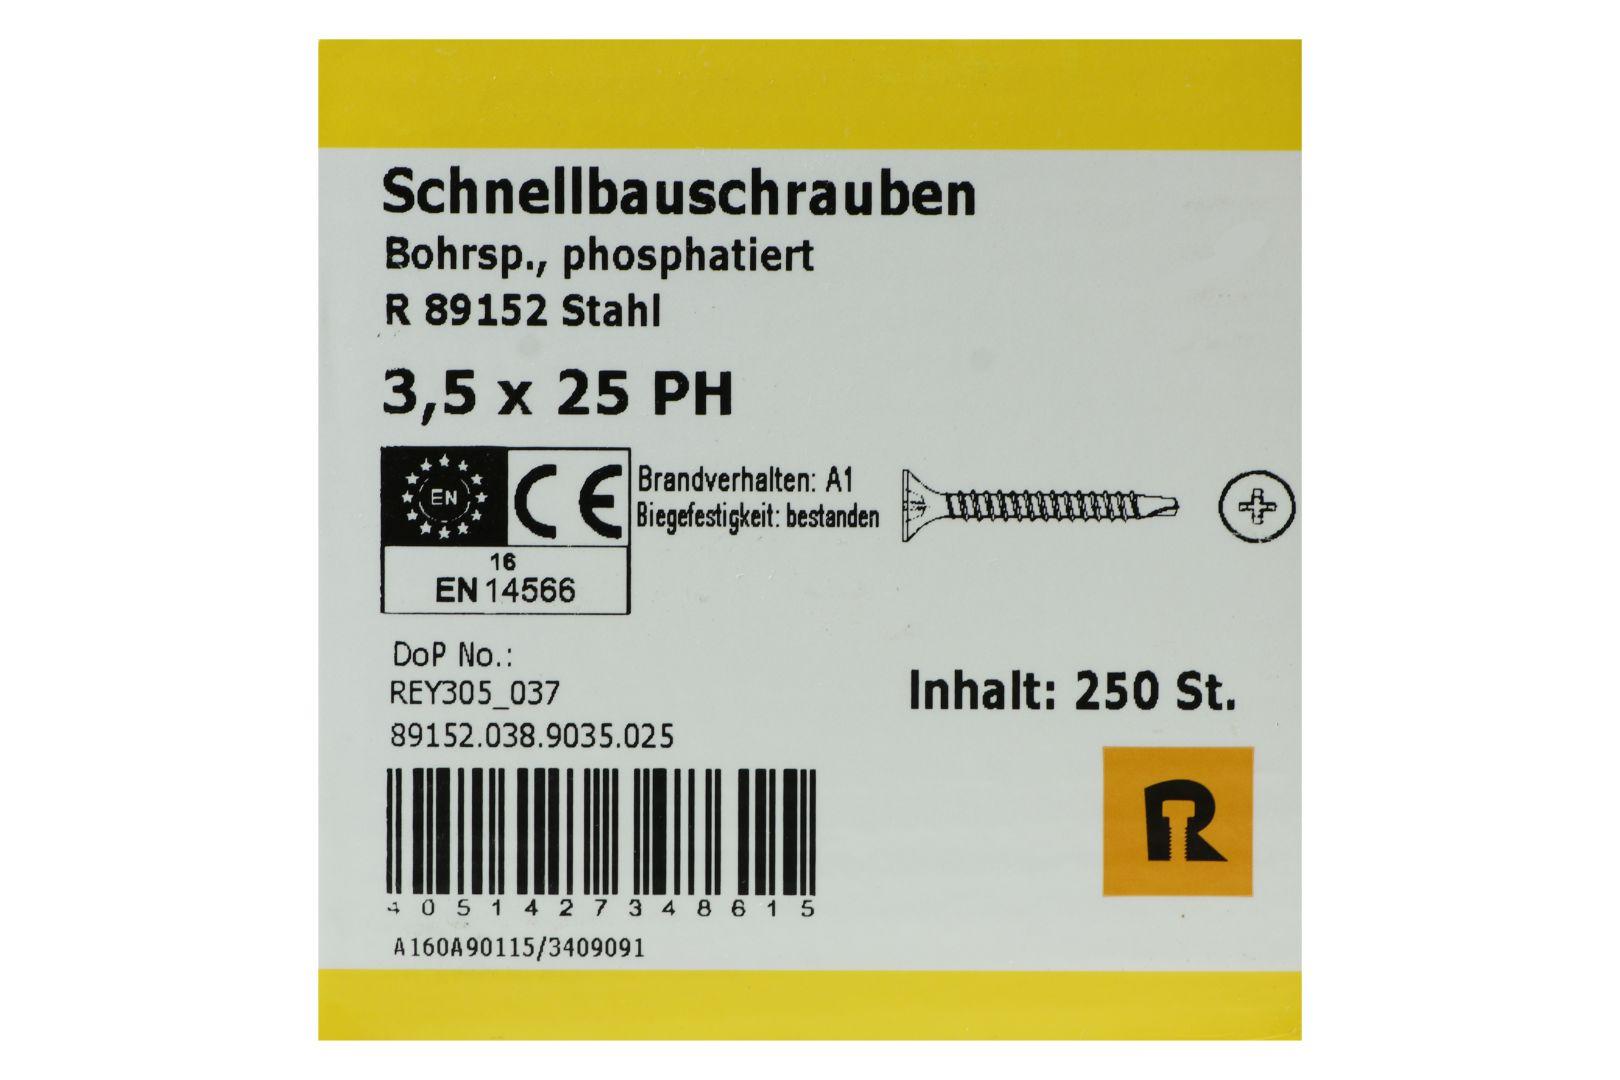 REYHER Schnellbauschrauben für Gipsplatten auf Metall 0,6 bis 2 mm, Bohrspitze, Feingewinde, PH2, 3,5 x 25 mm, 250 Stück